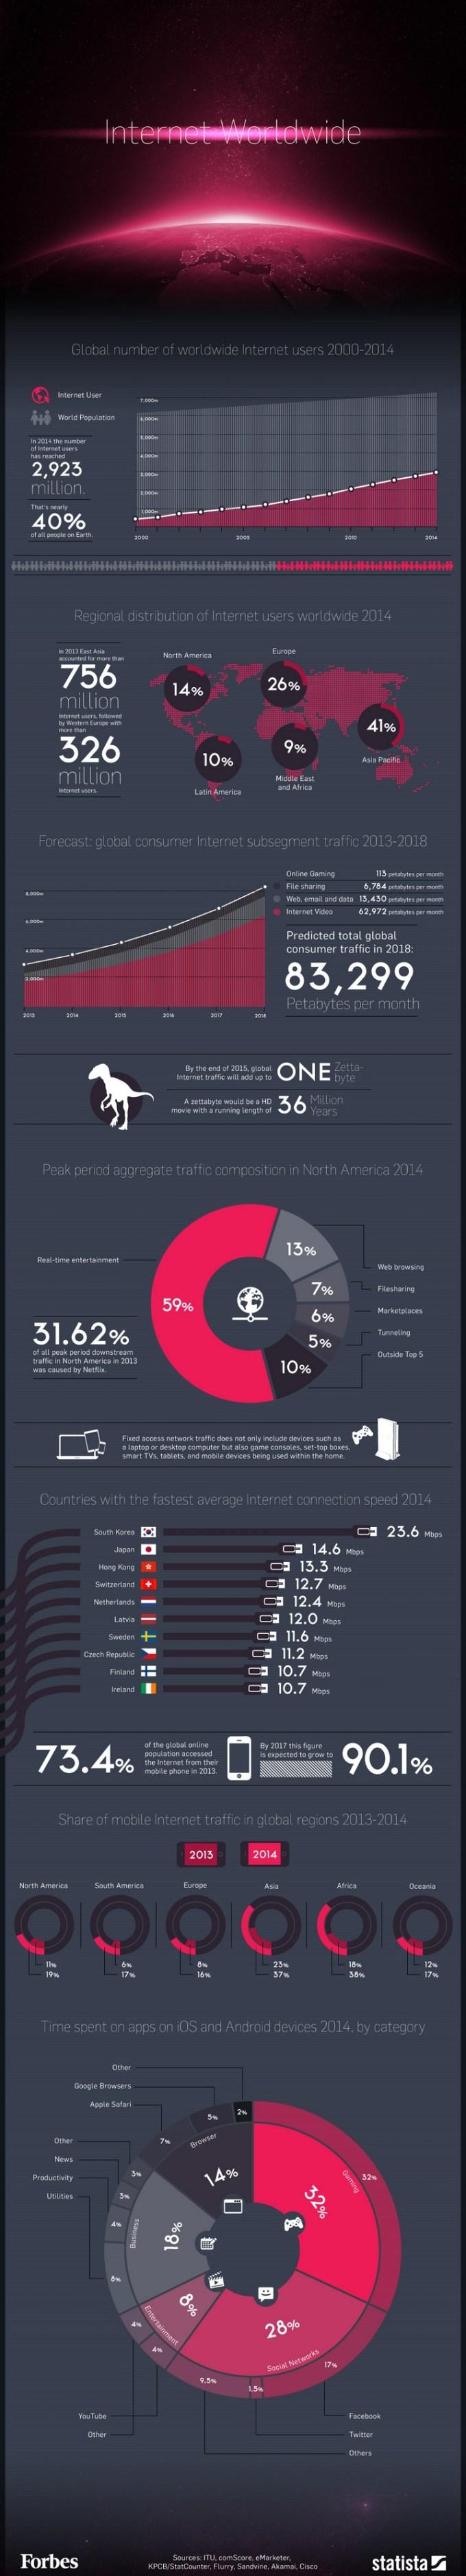 Globalne wykorzystanie internetu w liczbach (2000-2014)